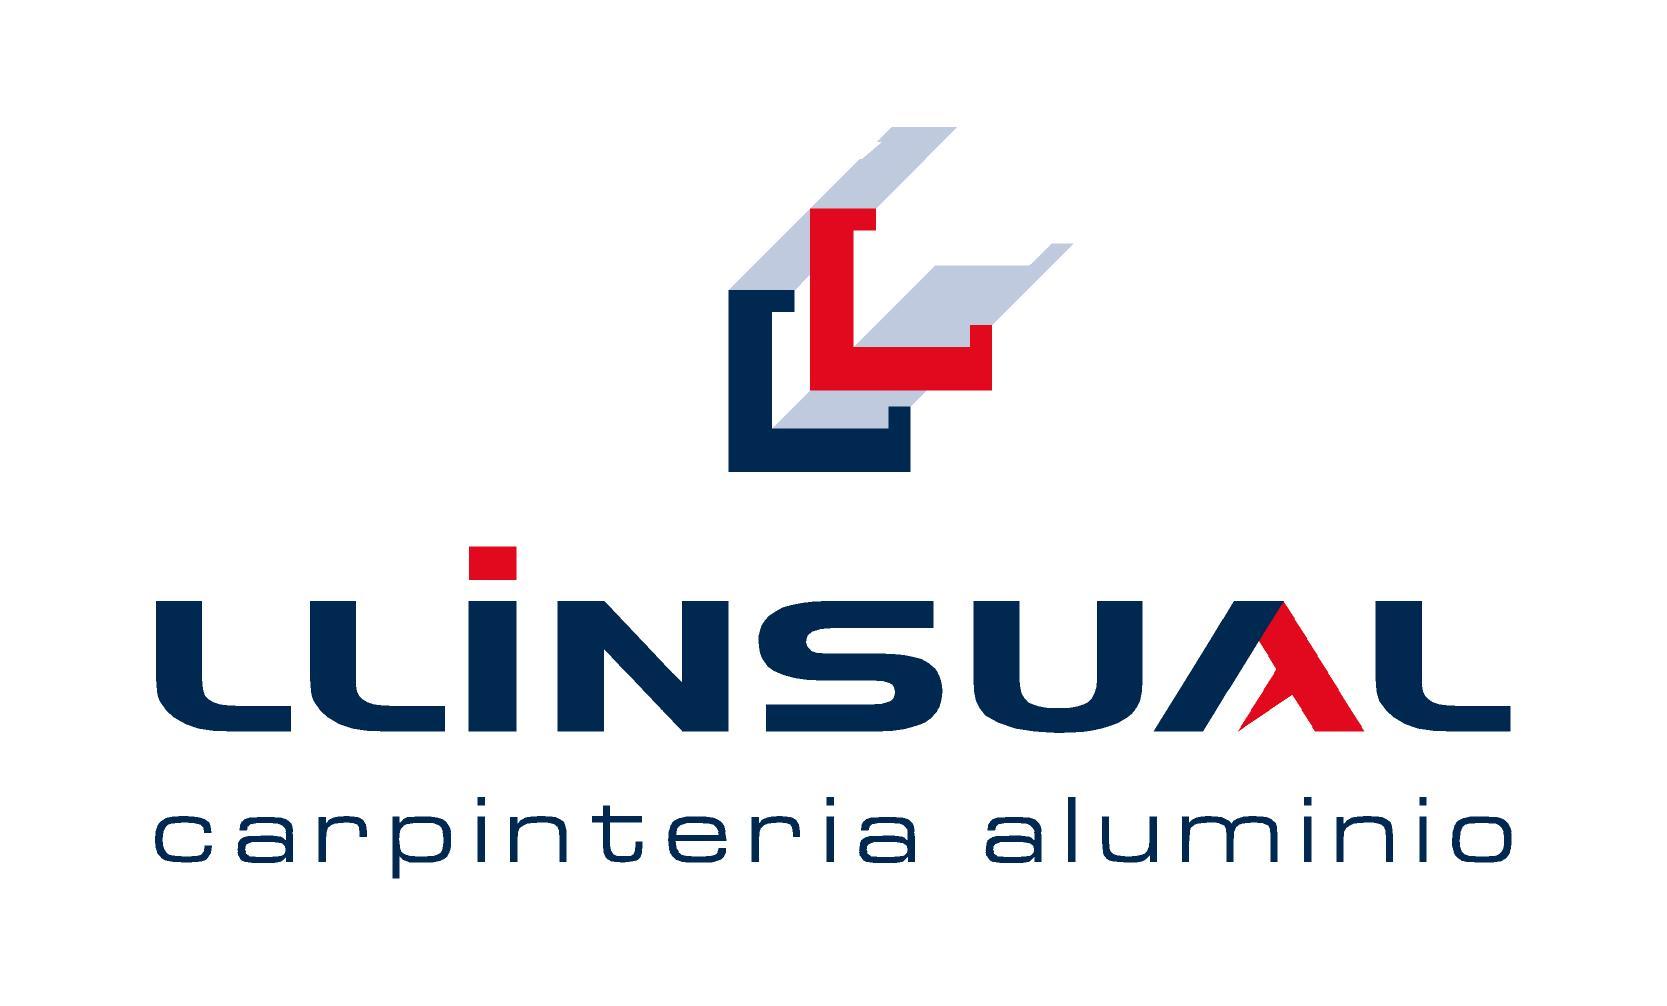 Aluminios Llinsual S.L.